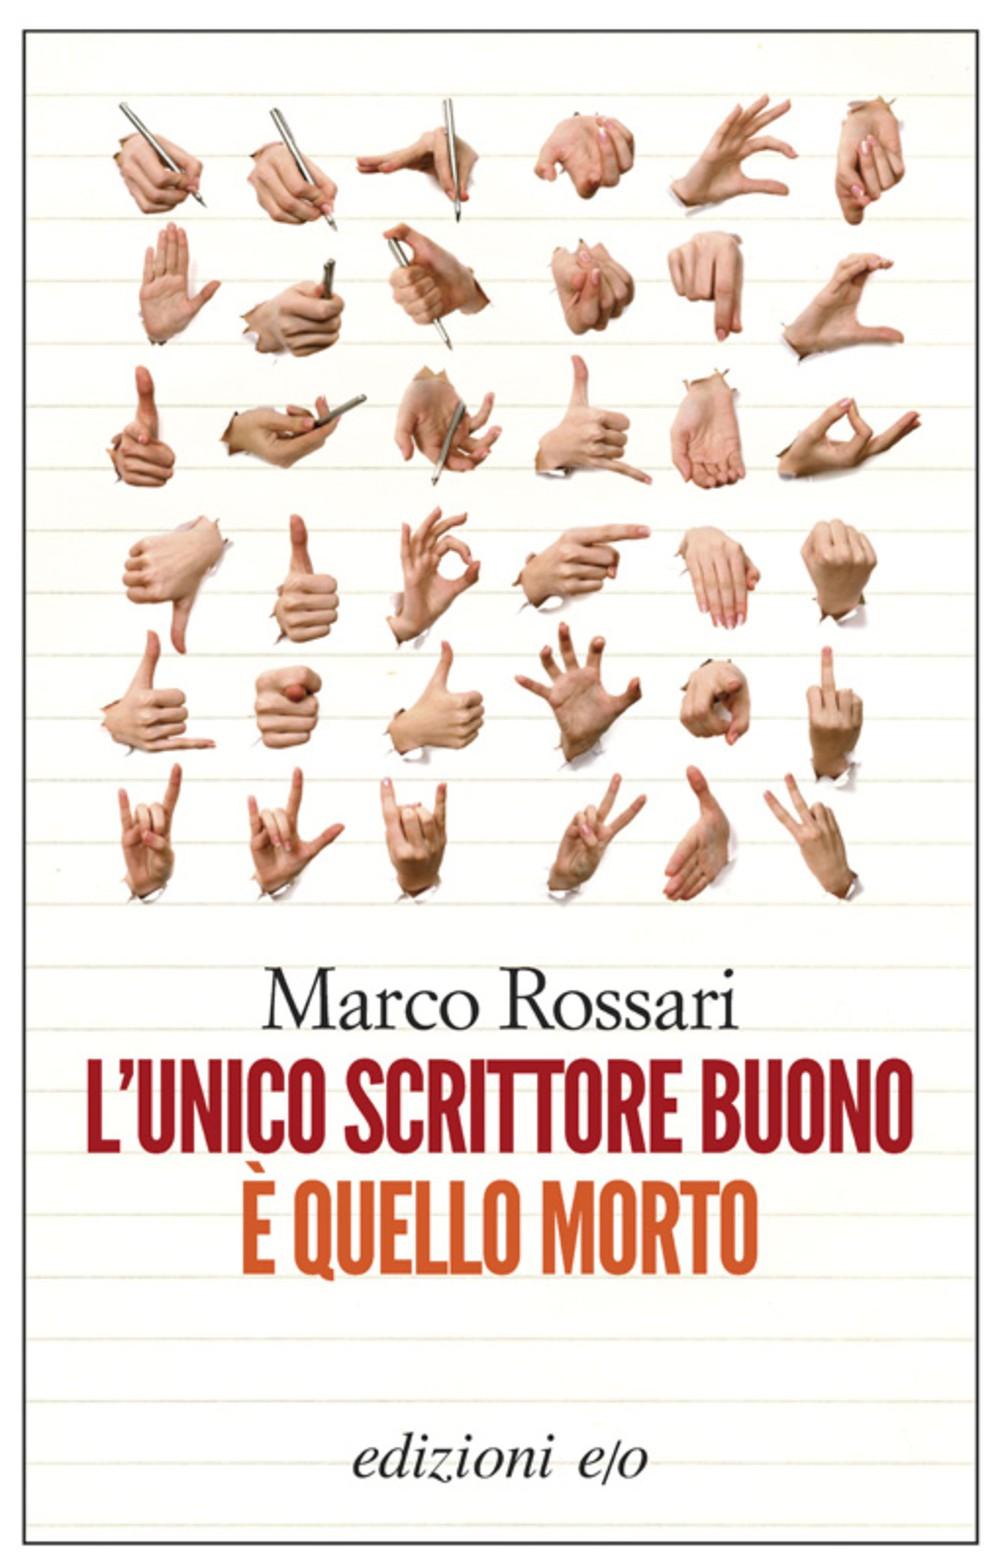 L'unico scrittore buono è quello morto di Marco Rossari